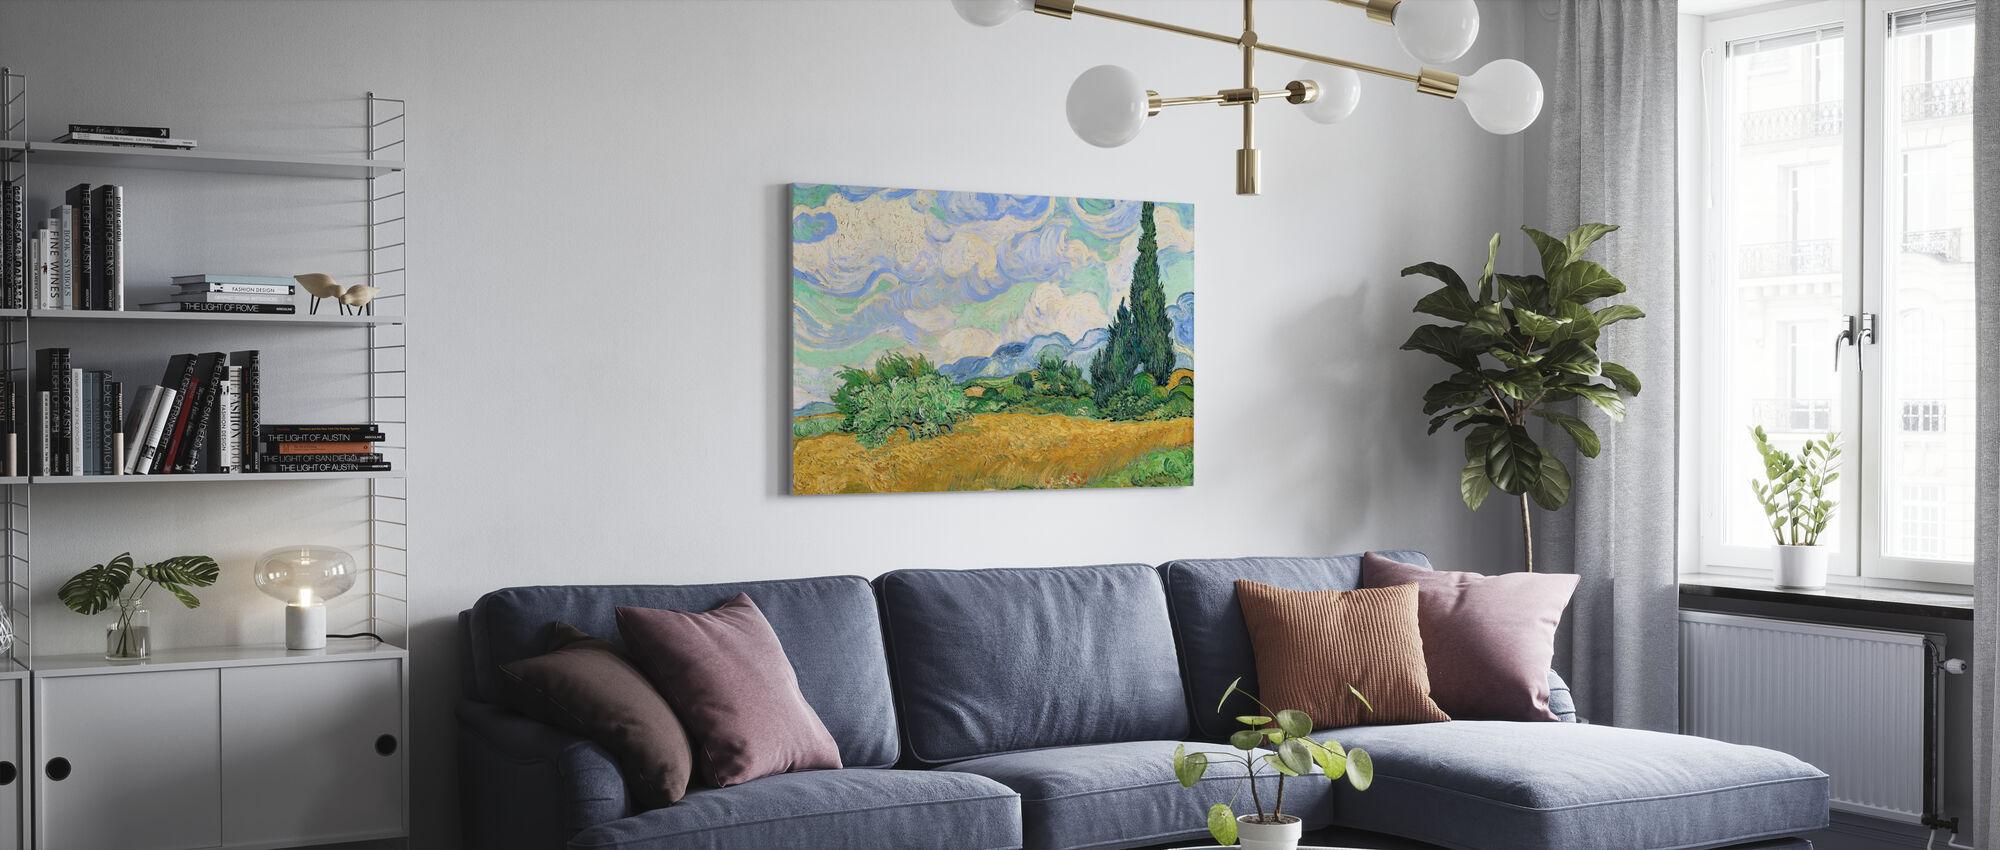 Vetefält med cypresser - Canvastavla - Vardagsrum